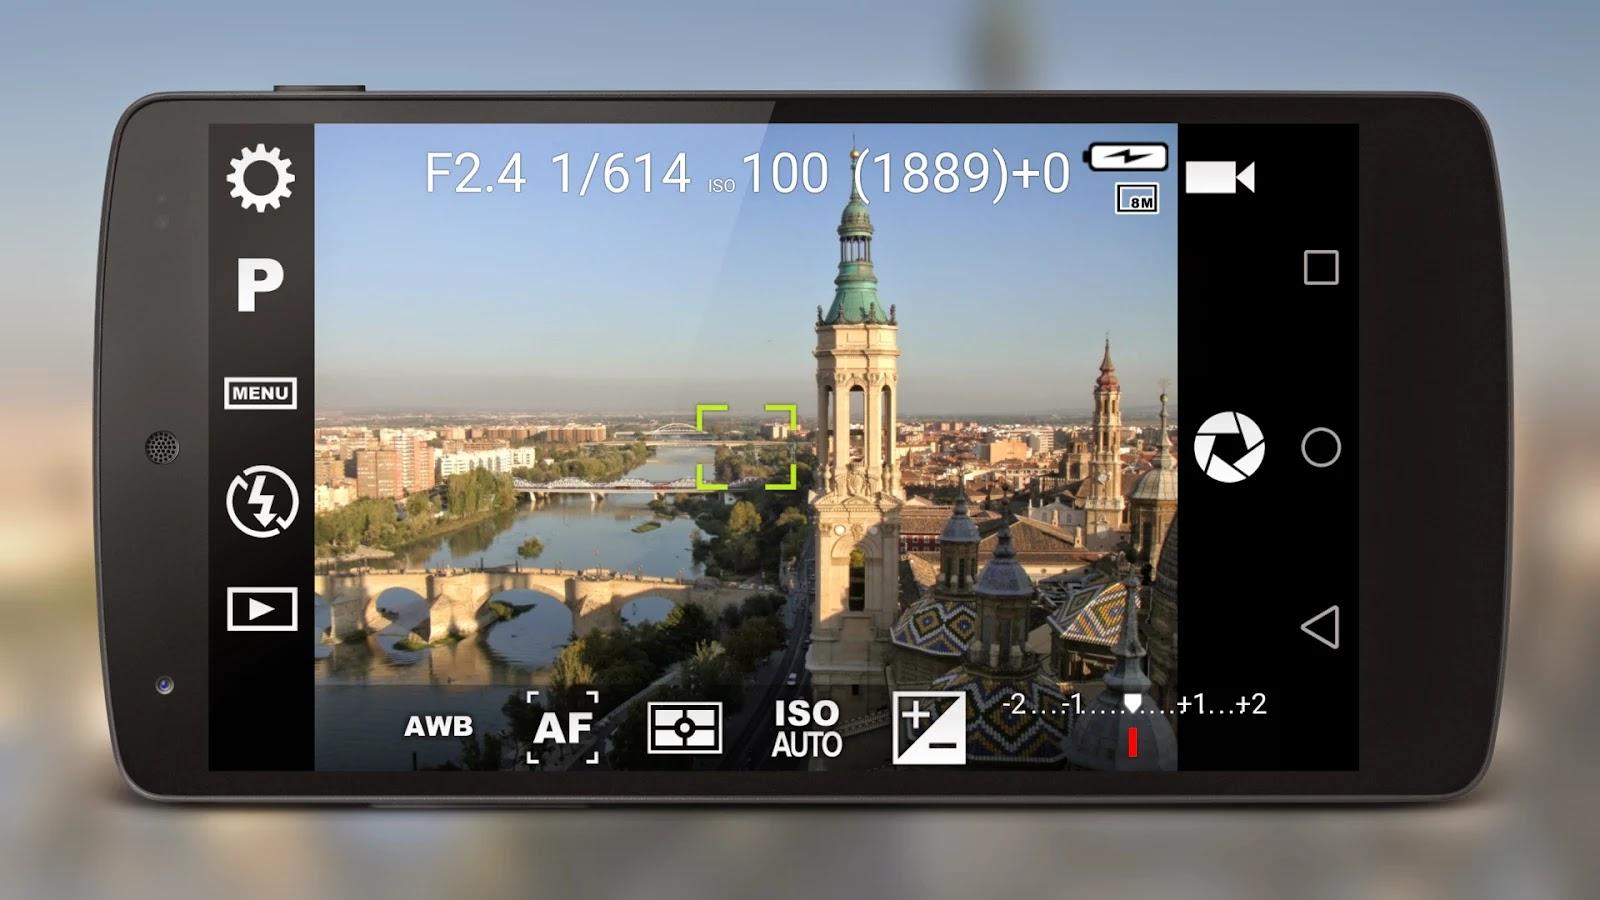 Camera FV-5 v2.34